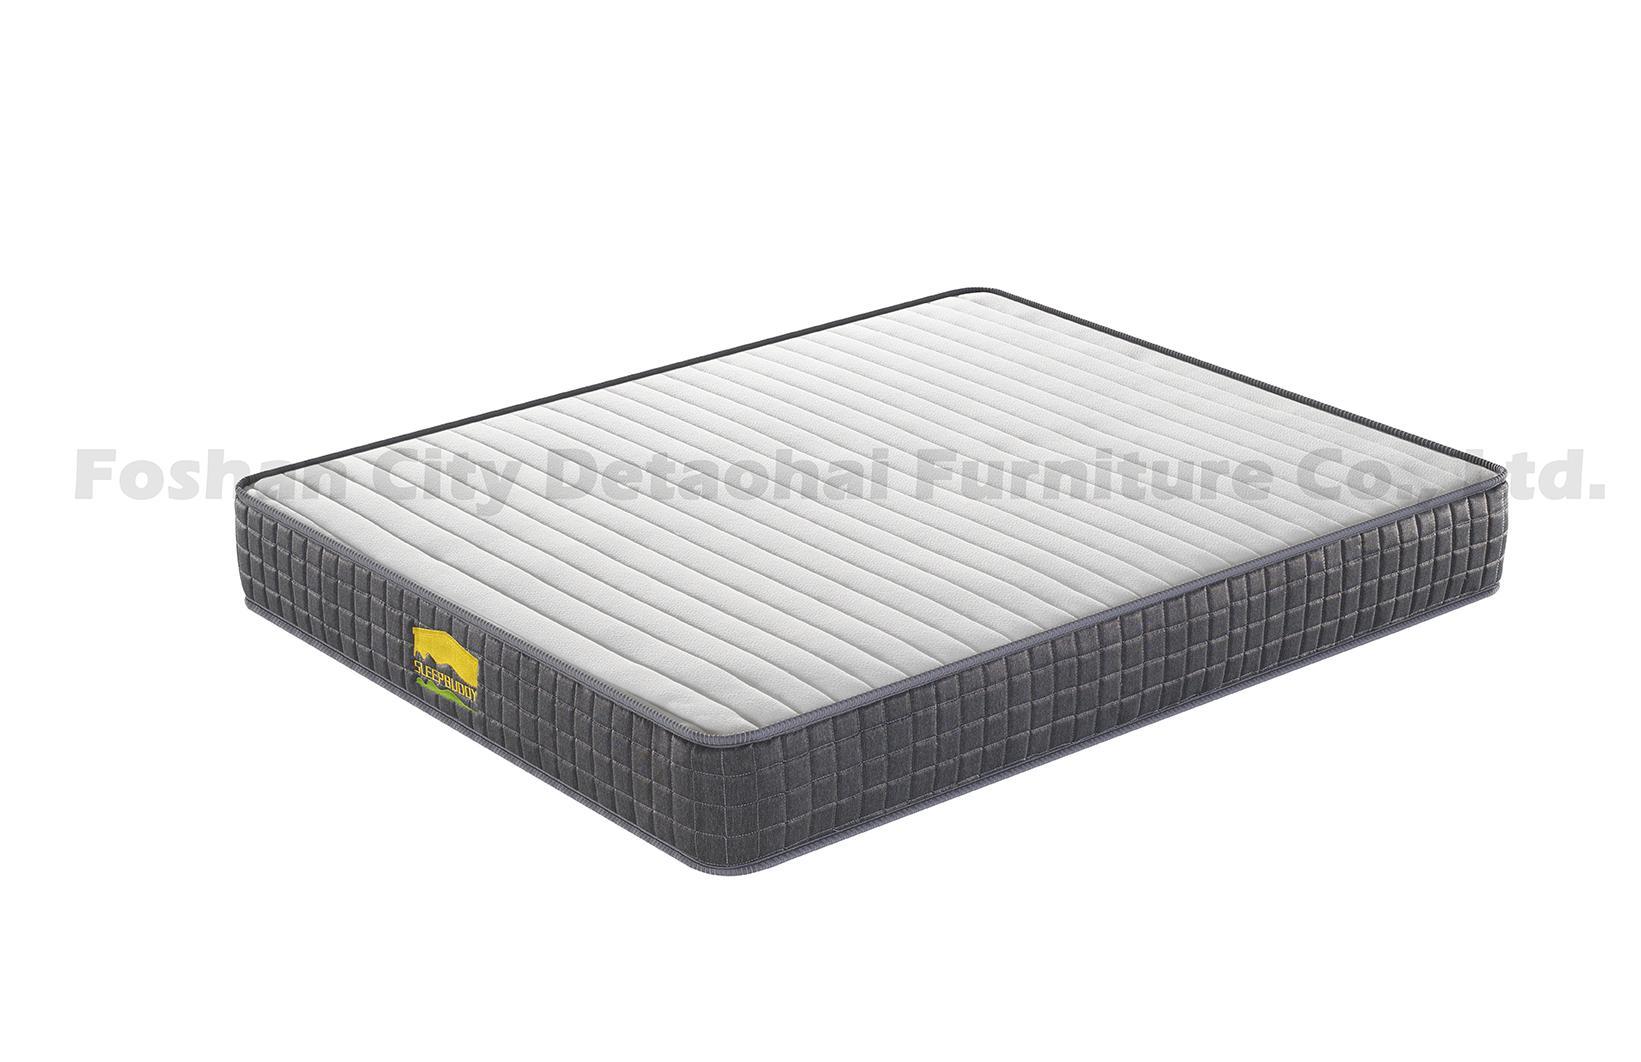 High density foam mattress  rolling compresses packing bed mattress 2